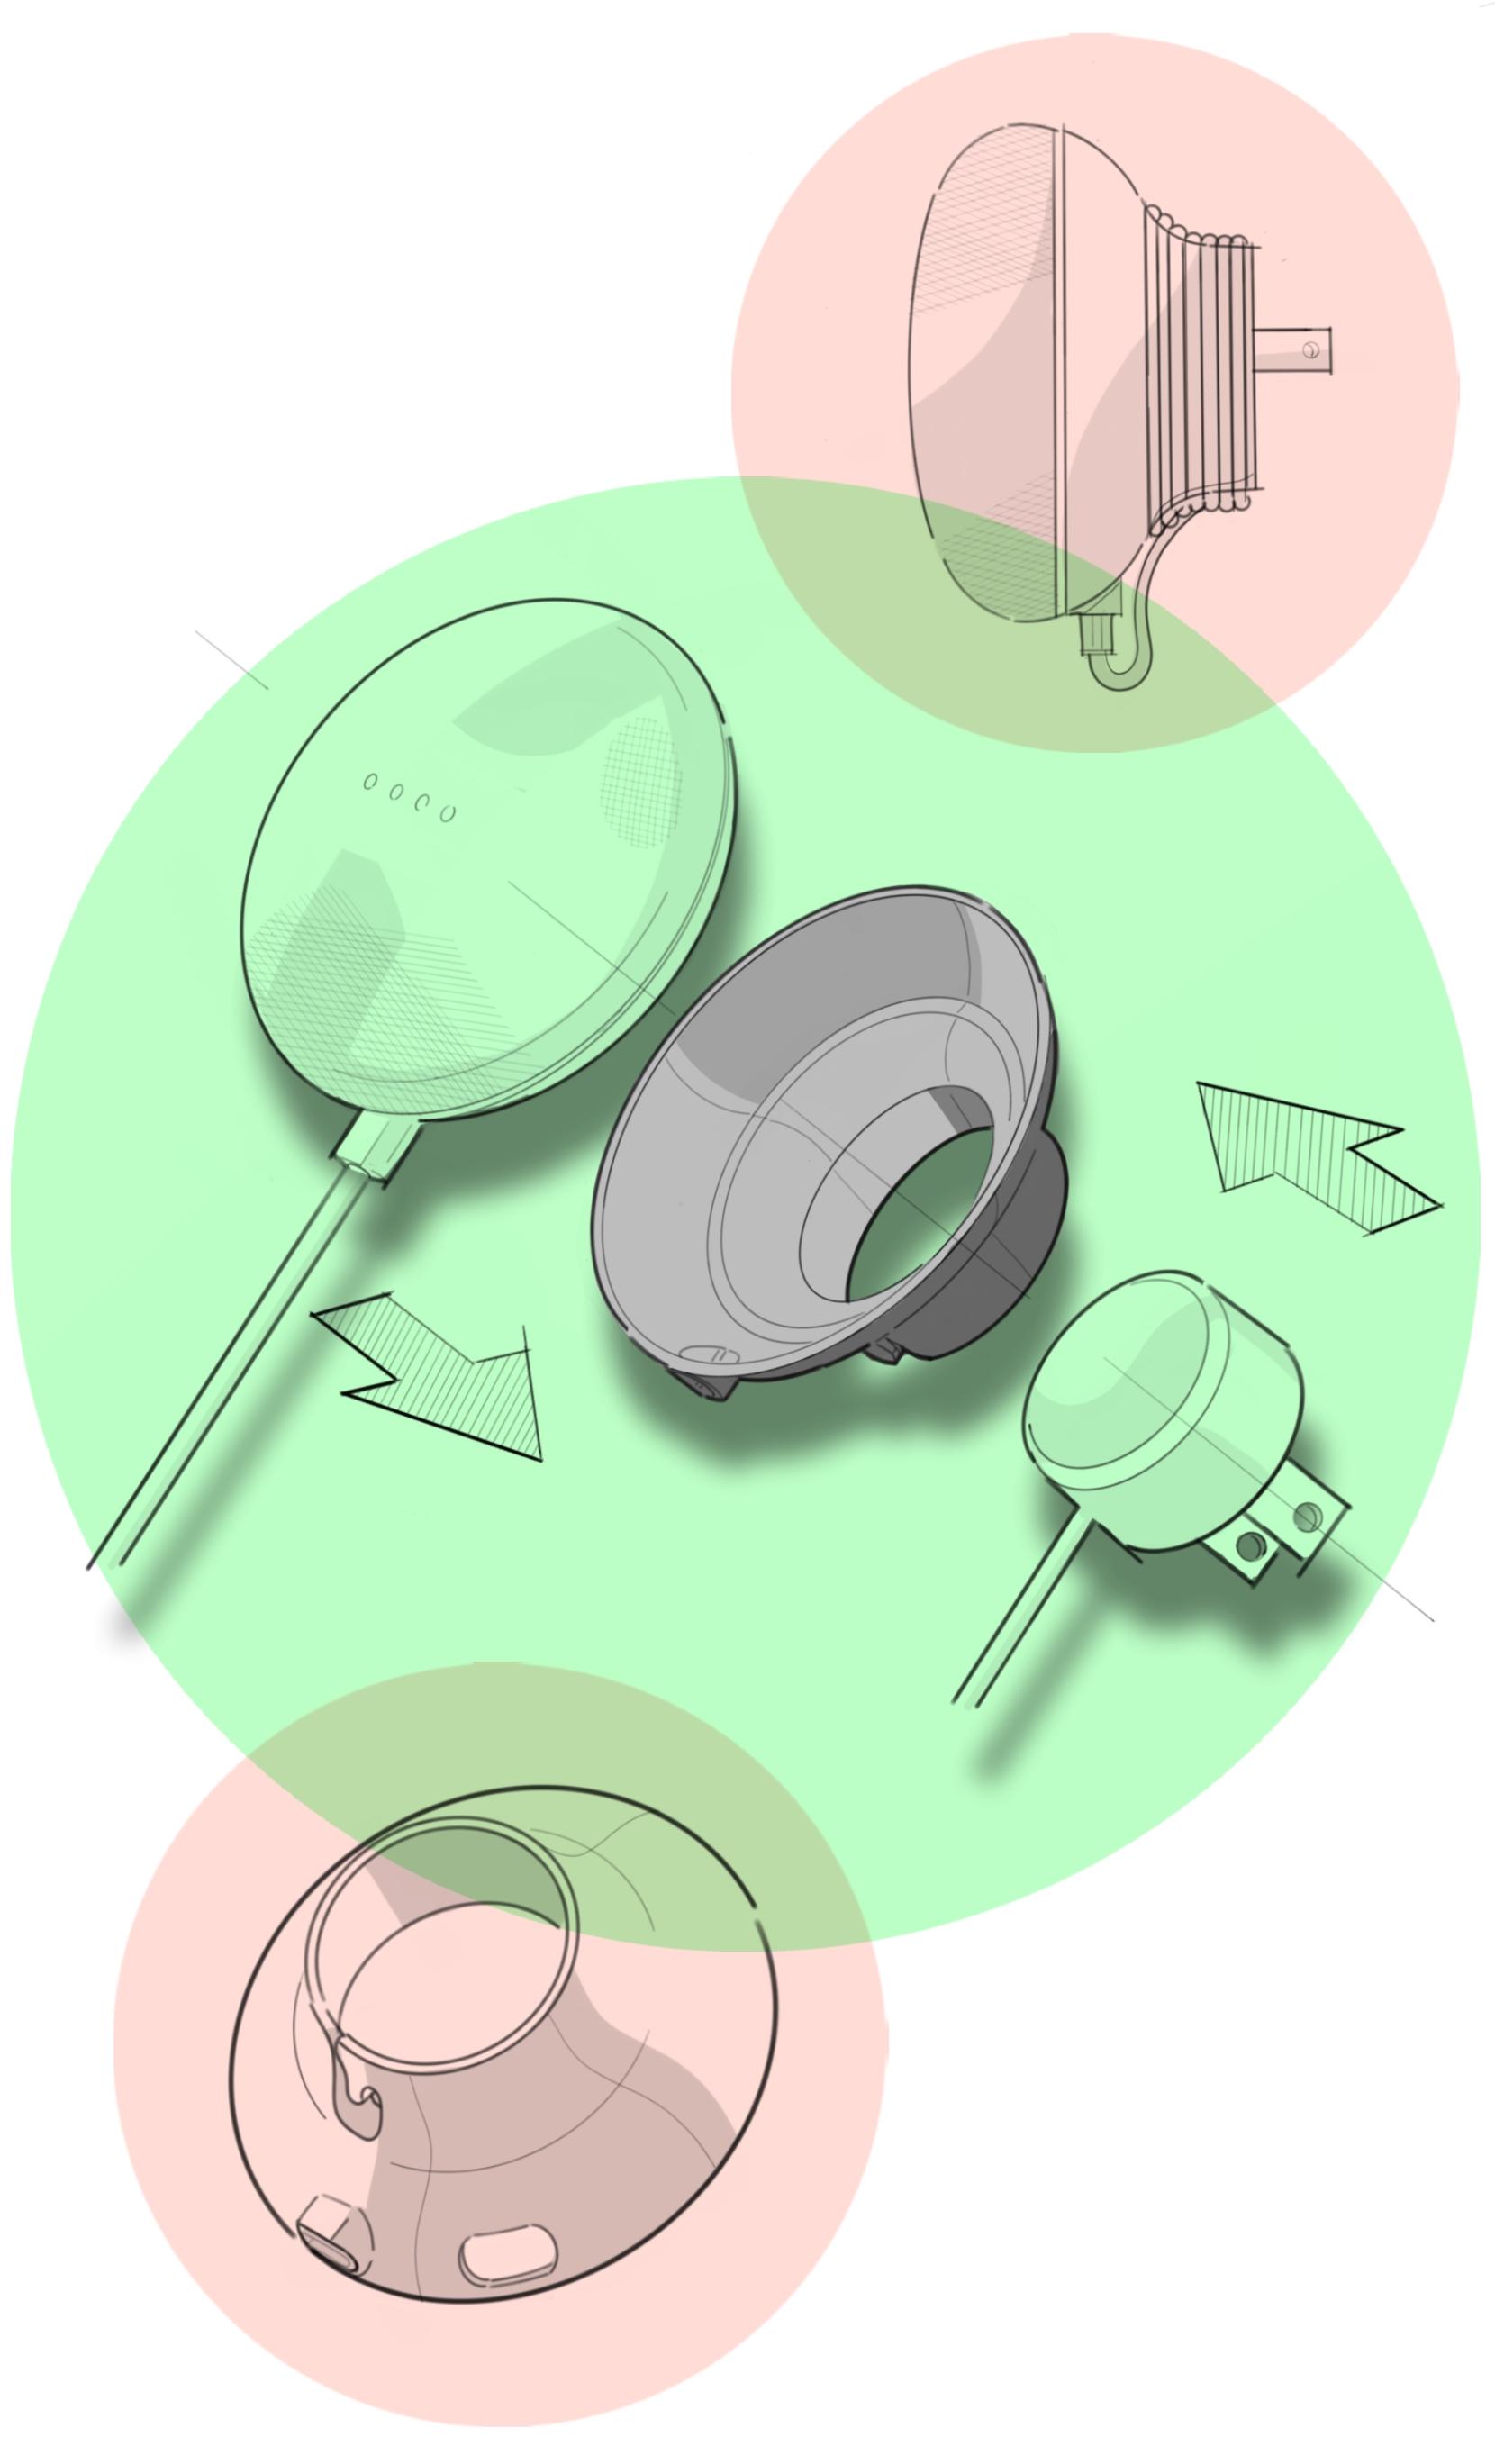 120319_Google_Home_mini_Sketch2_Vertical_1